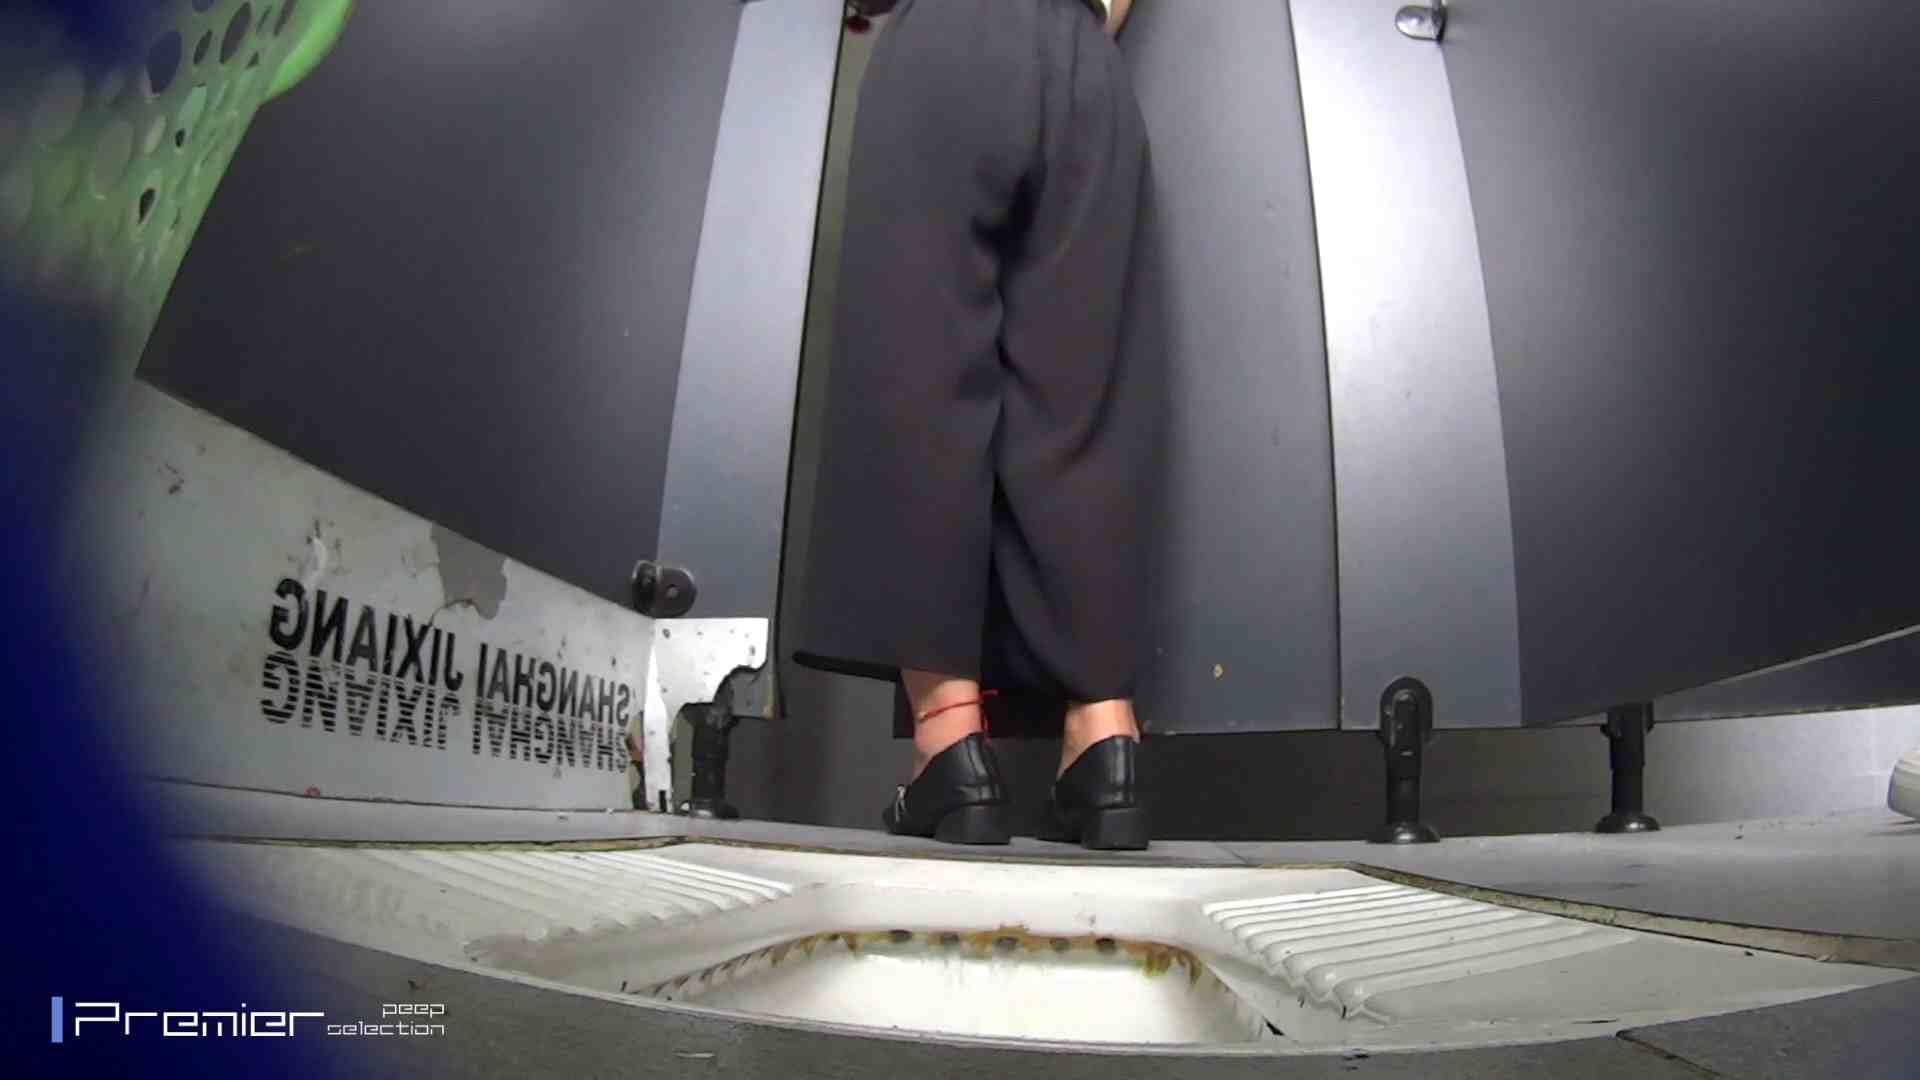 夏全開!ハーフパンツのギャル達 大学休憩時間の洗面所事情44 お姉さん  112pic 28